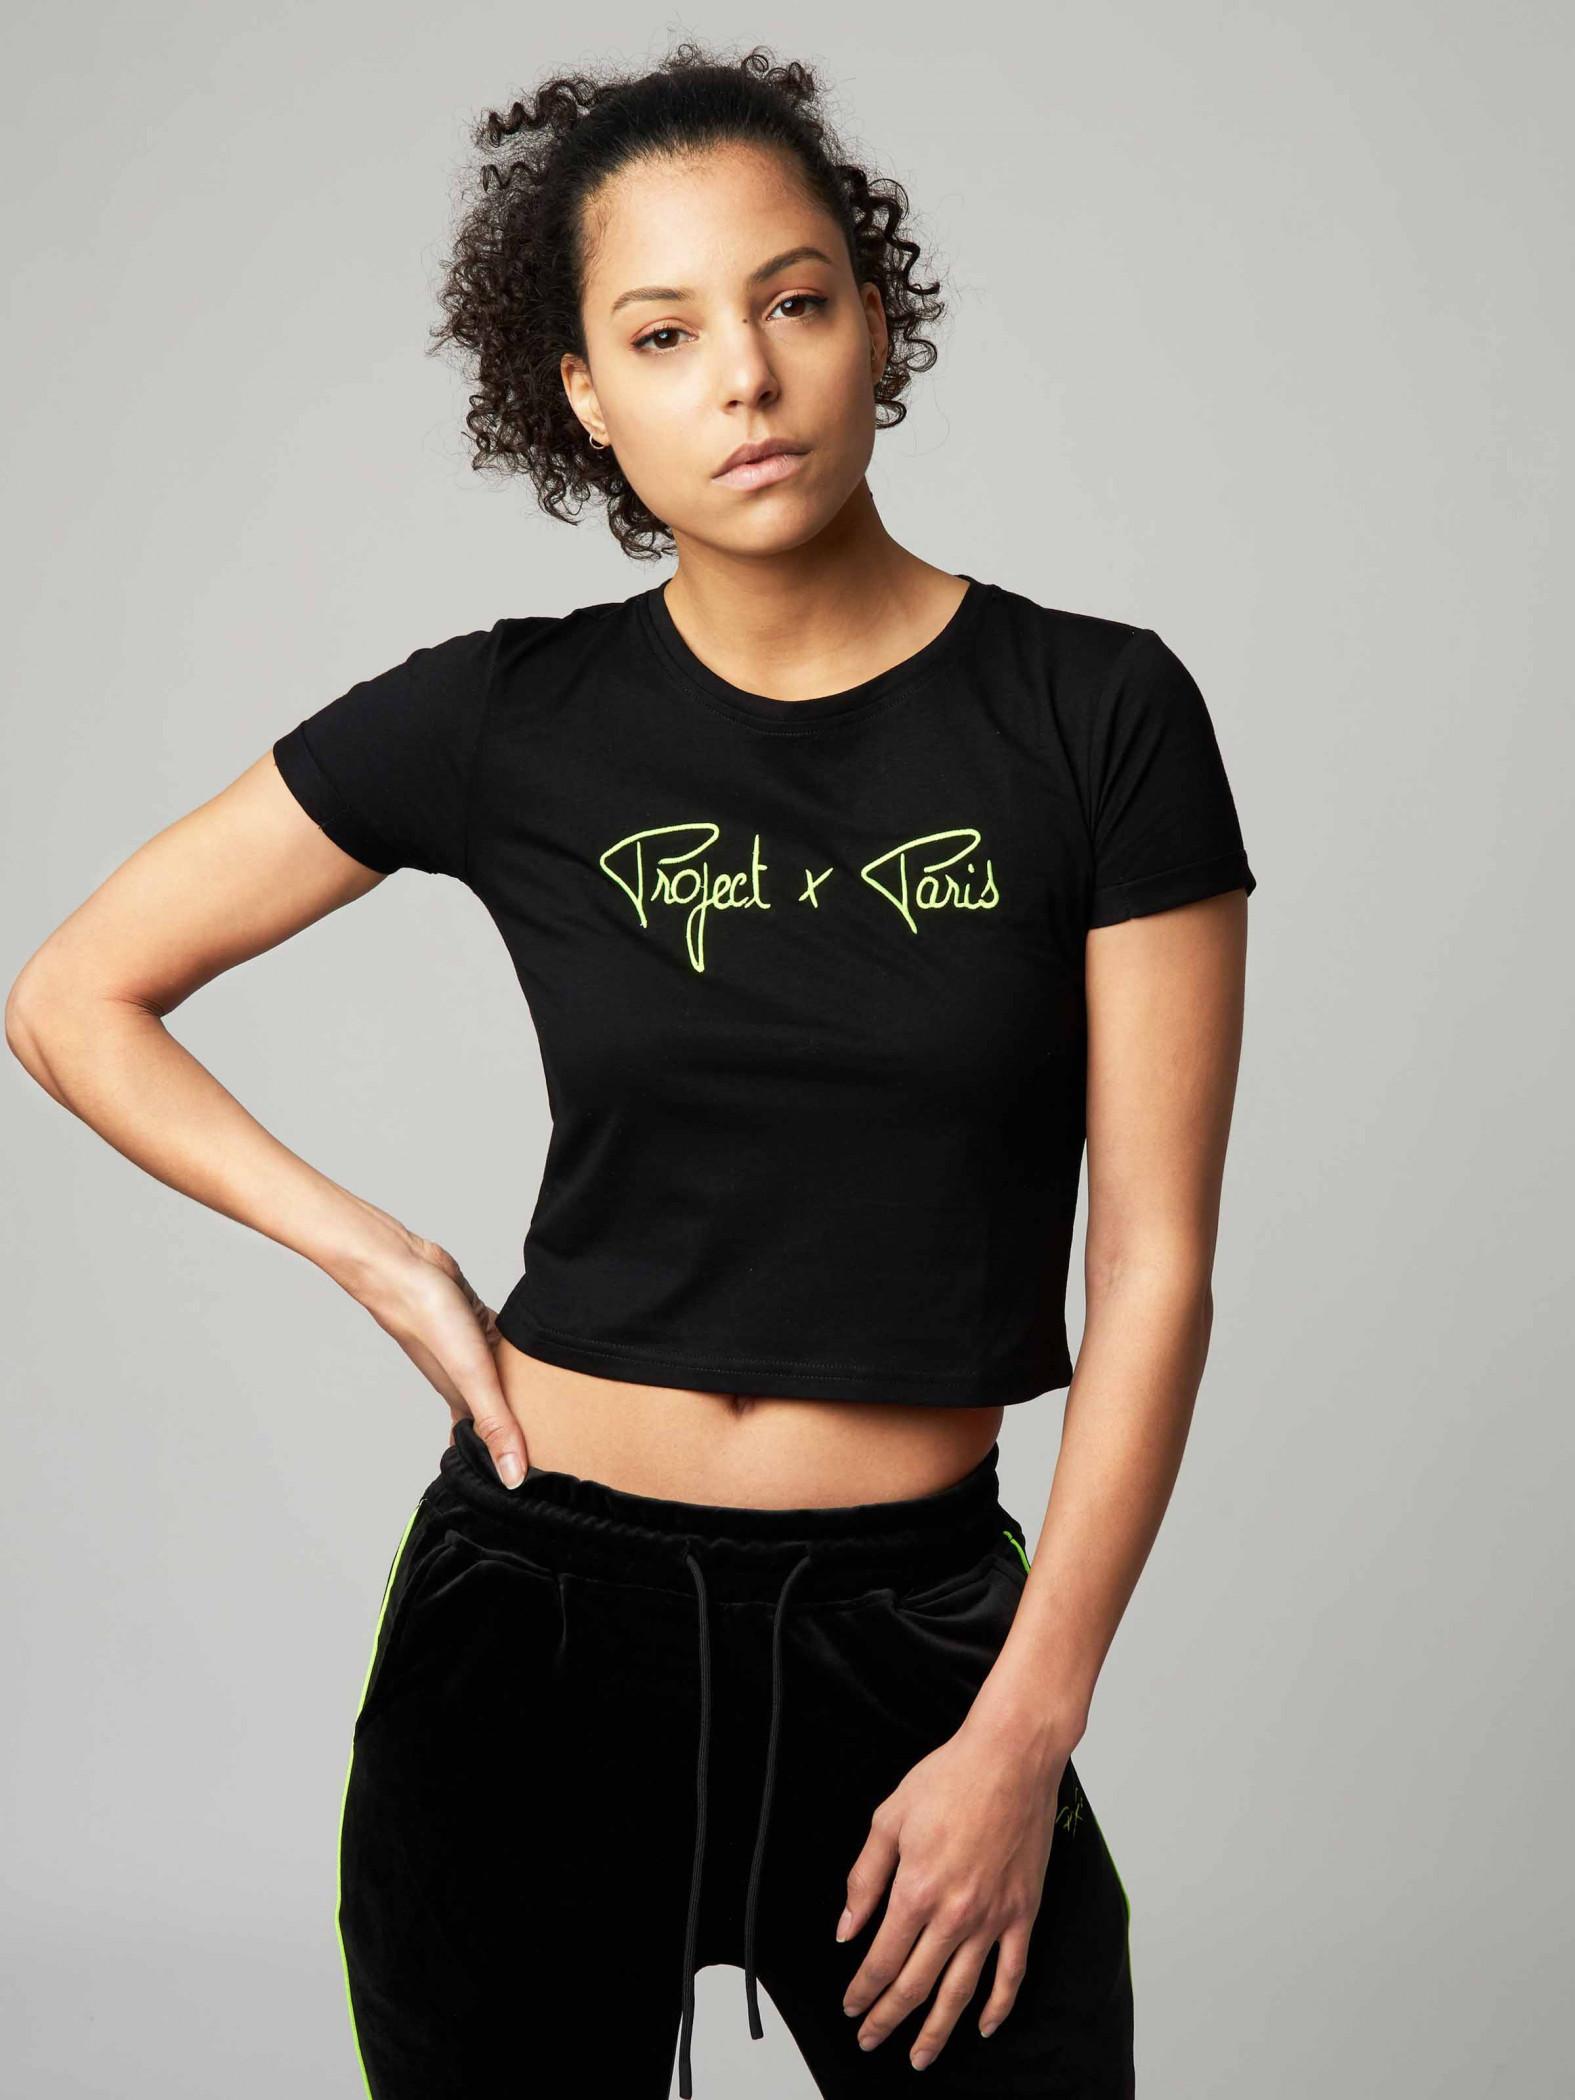 c8688ddc49c Women's Short Sleeve Neon Crop Top Project X Paris